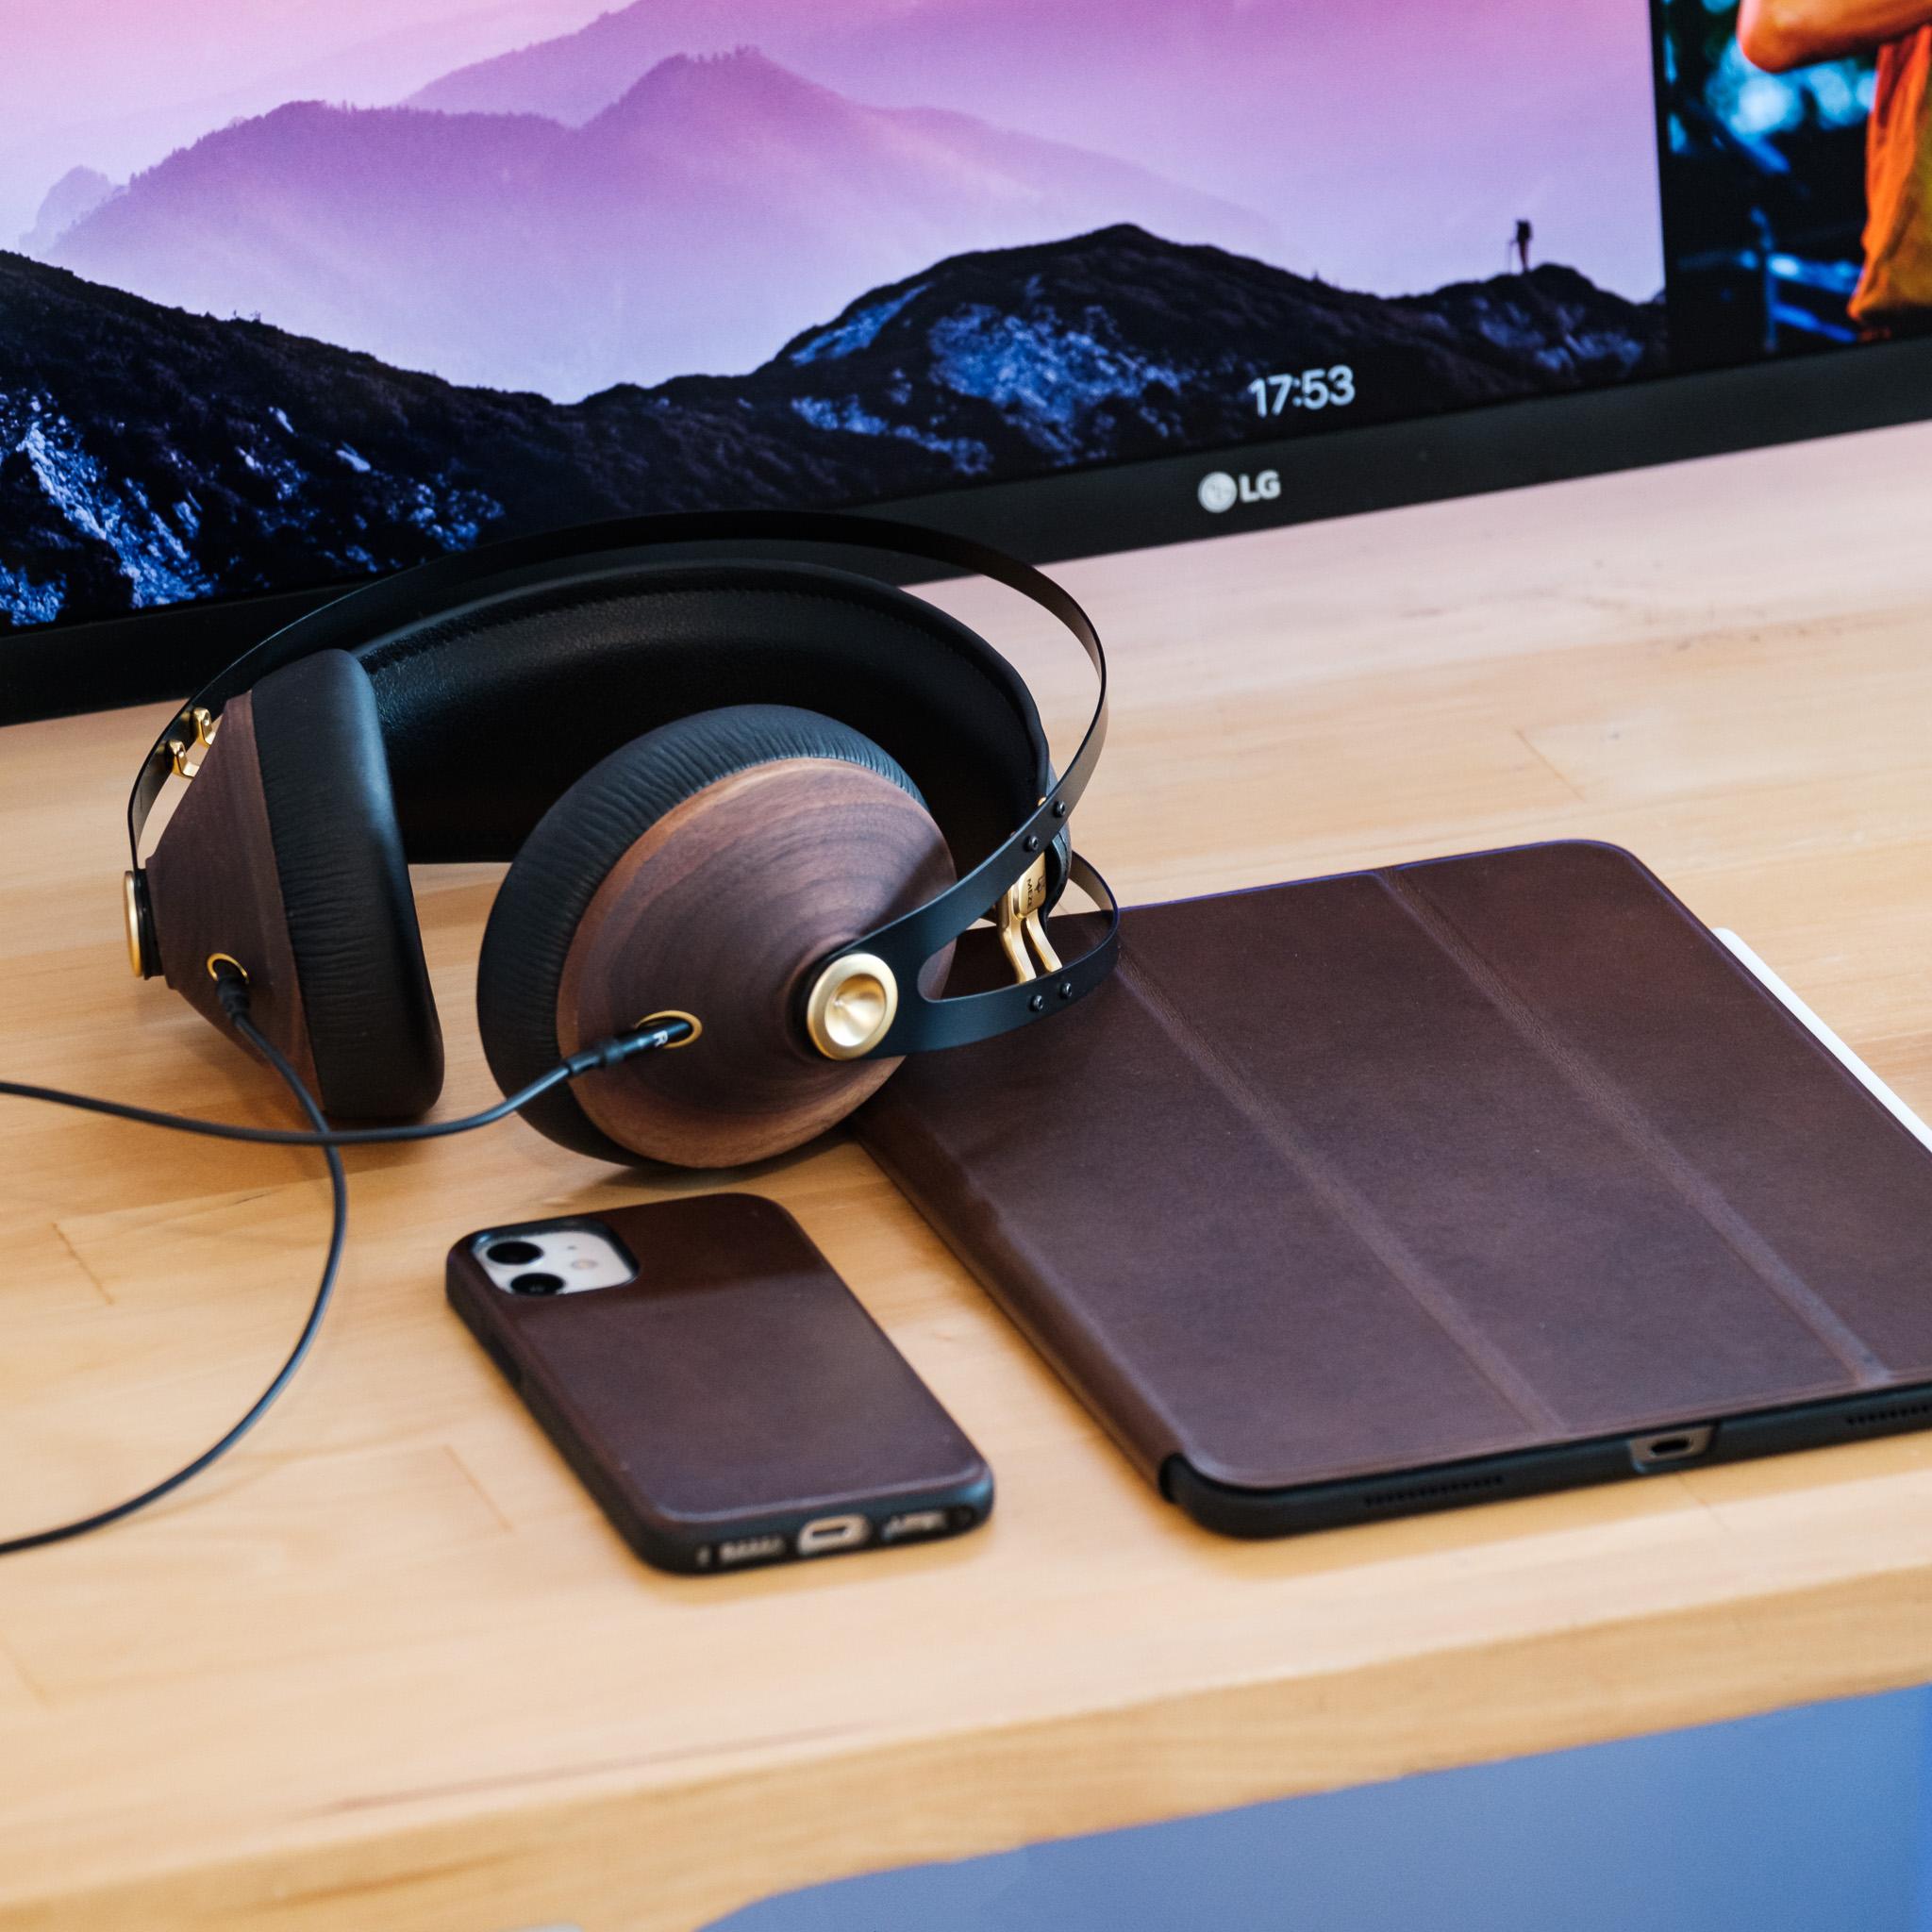 Nomad Rugged Folio: étui cuir de qualité pour mon iPad Pro !